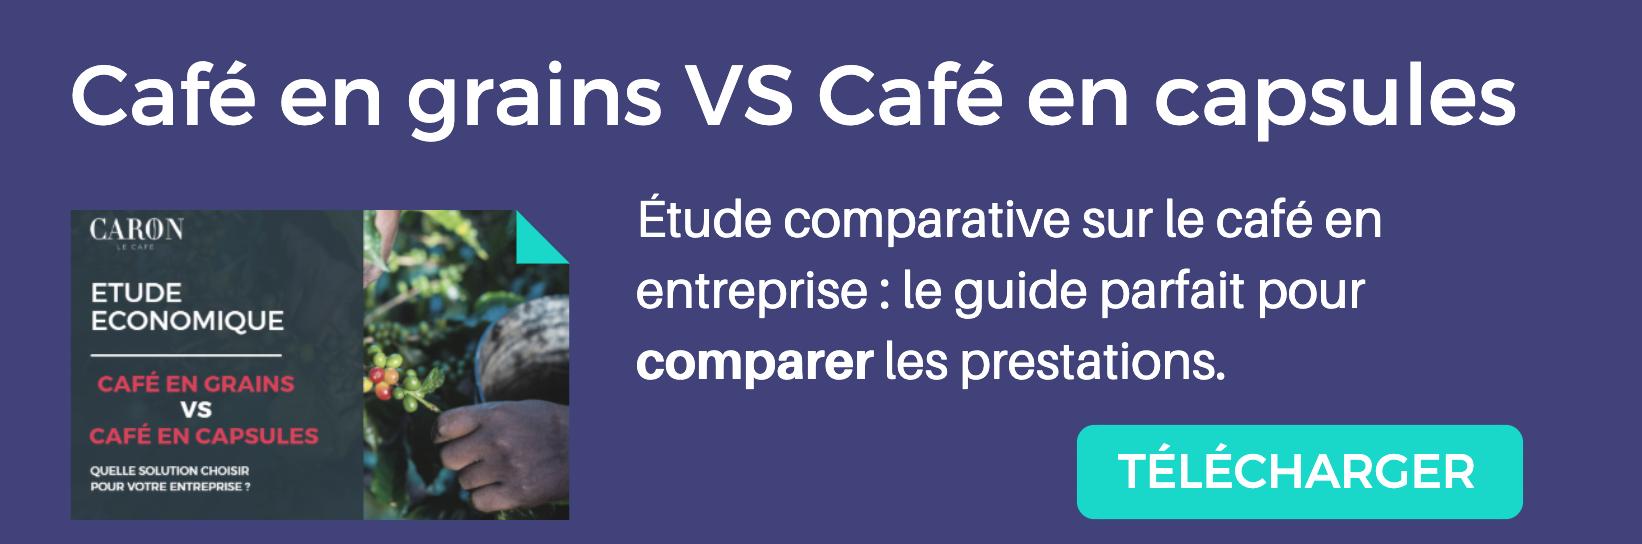 étude comparative café en grains vs café en capsules